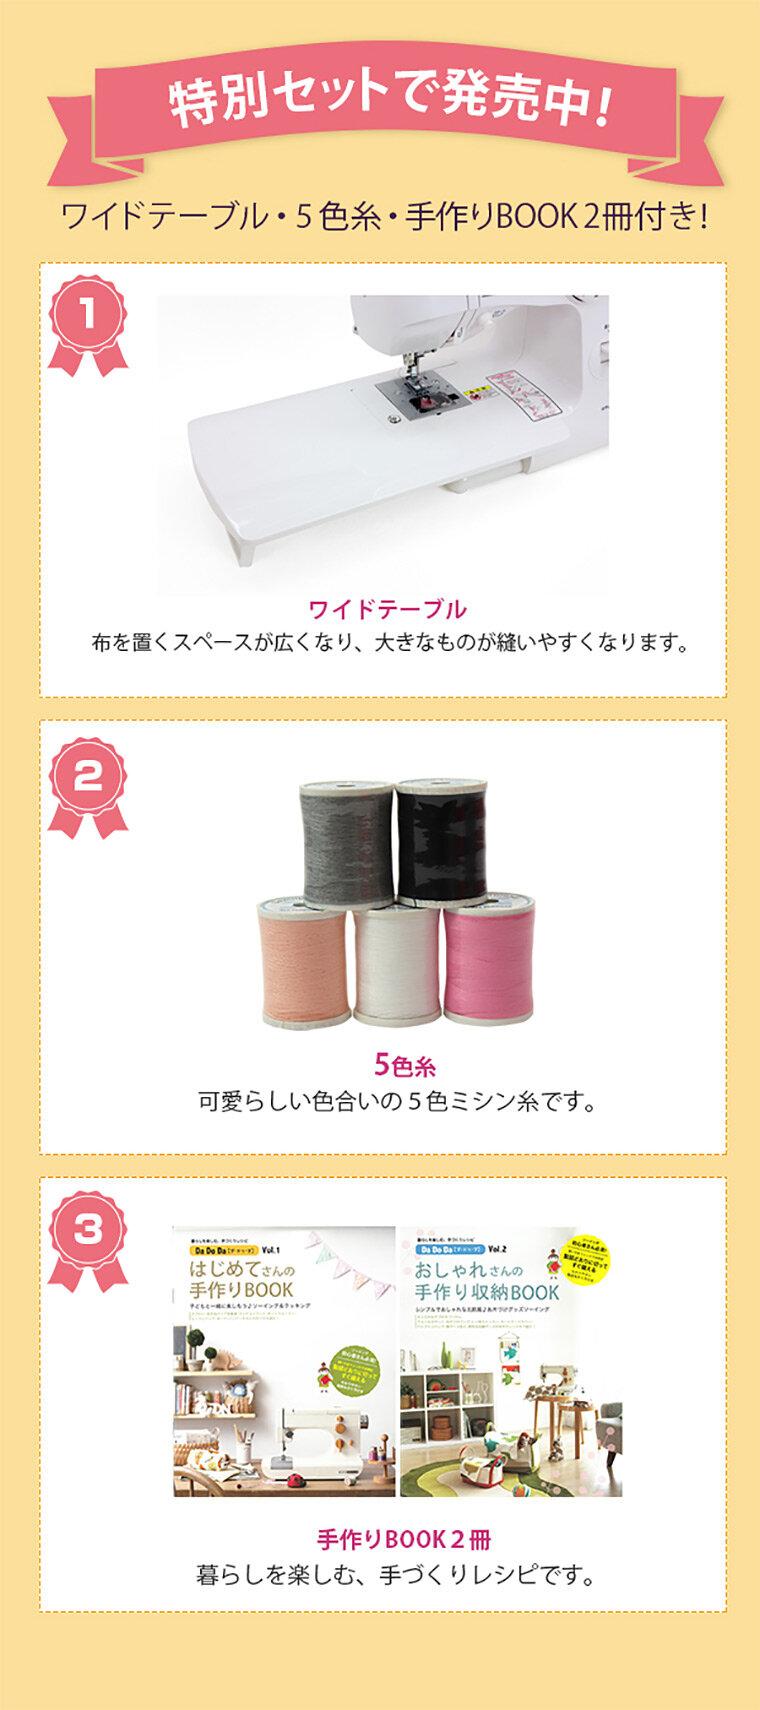 5色糸・ワイドテーブル・BOOK2冊付き!